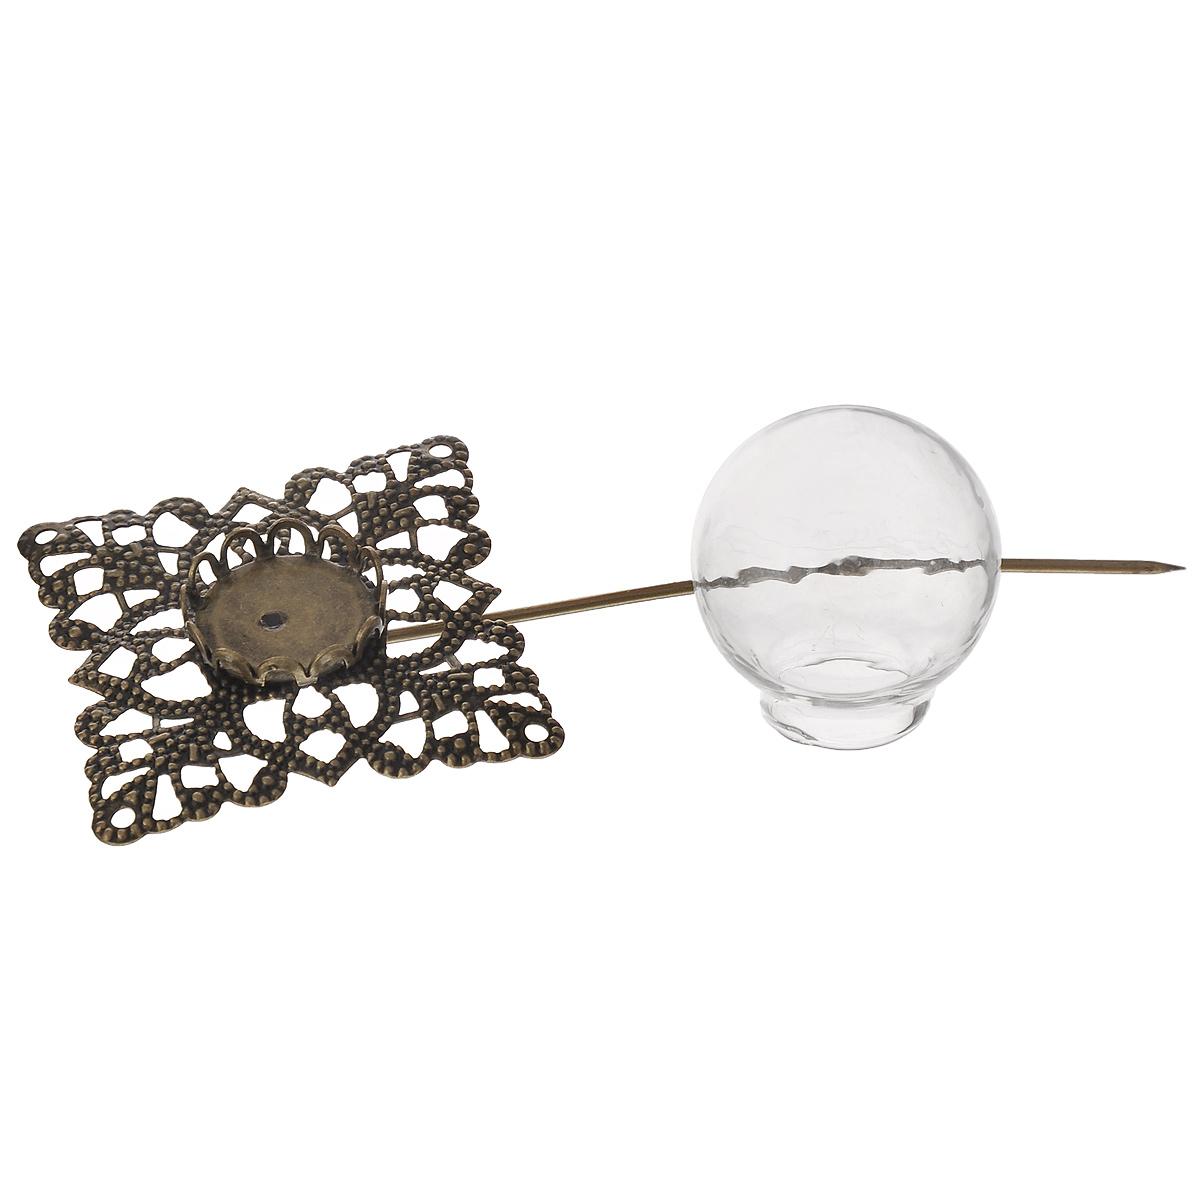 Заготовка для бижутерии ScrapBerrys Шпилька-квадрат, 75 ммSCB24001011Заготовка ScrapBerrys Шпилька-квадрат, изготовленная из металла и стекла, предназначена для изготовления бижутерии. Заготовка состоит из двух частей: металлической основы в виде квадрата с иглой и верхней стеклянной куполообразной части. С ее помощью вы сможете создать оригинальную бижутерию ручной работы. Изготовление украшений - занимательное хобби и реализация творческих способностей рукодельницы. Радуйте себя и своих близких украшениями, сделанными своими руками! Размер металлической части заготовки: 30 мм х 30 мм. Длина шпильки: 75 мм. Диаметр стеклянной части: 18 мм.